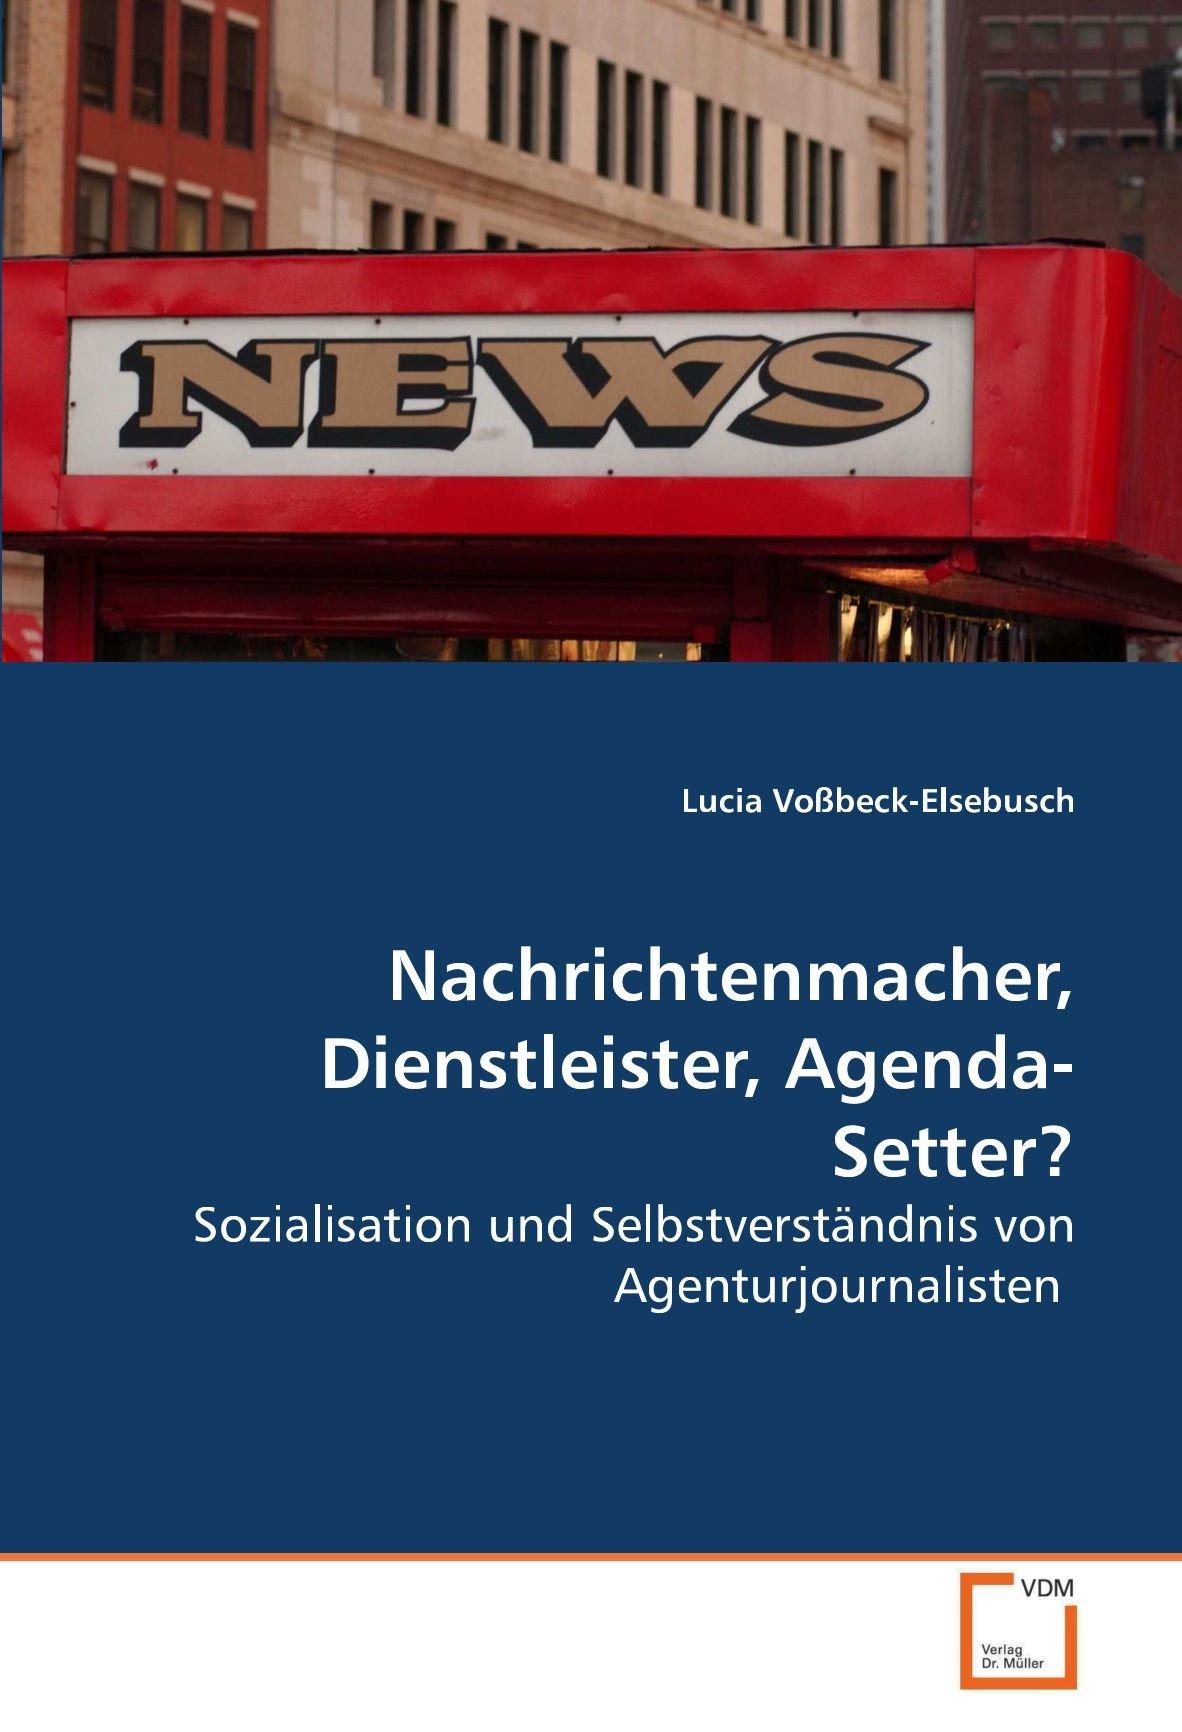 Nachrichtenmacher, Dienstleister, Agenda-Setter ...